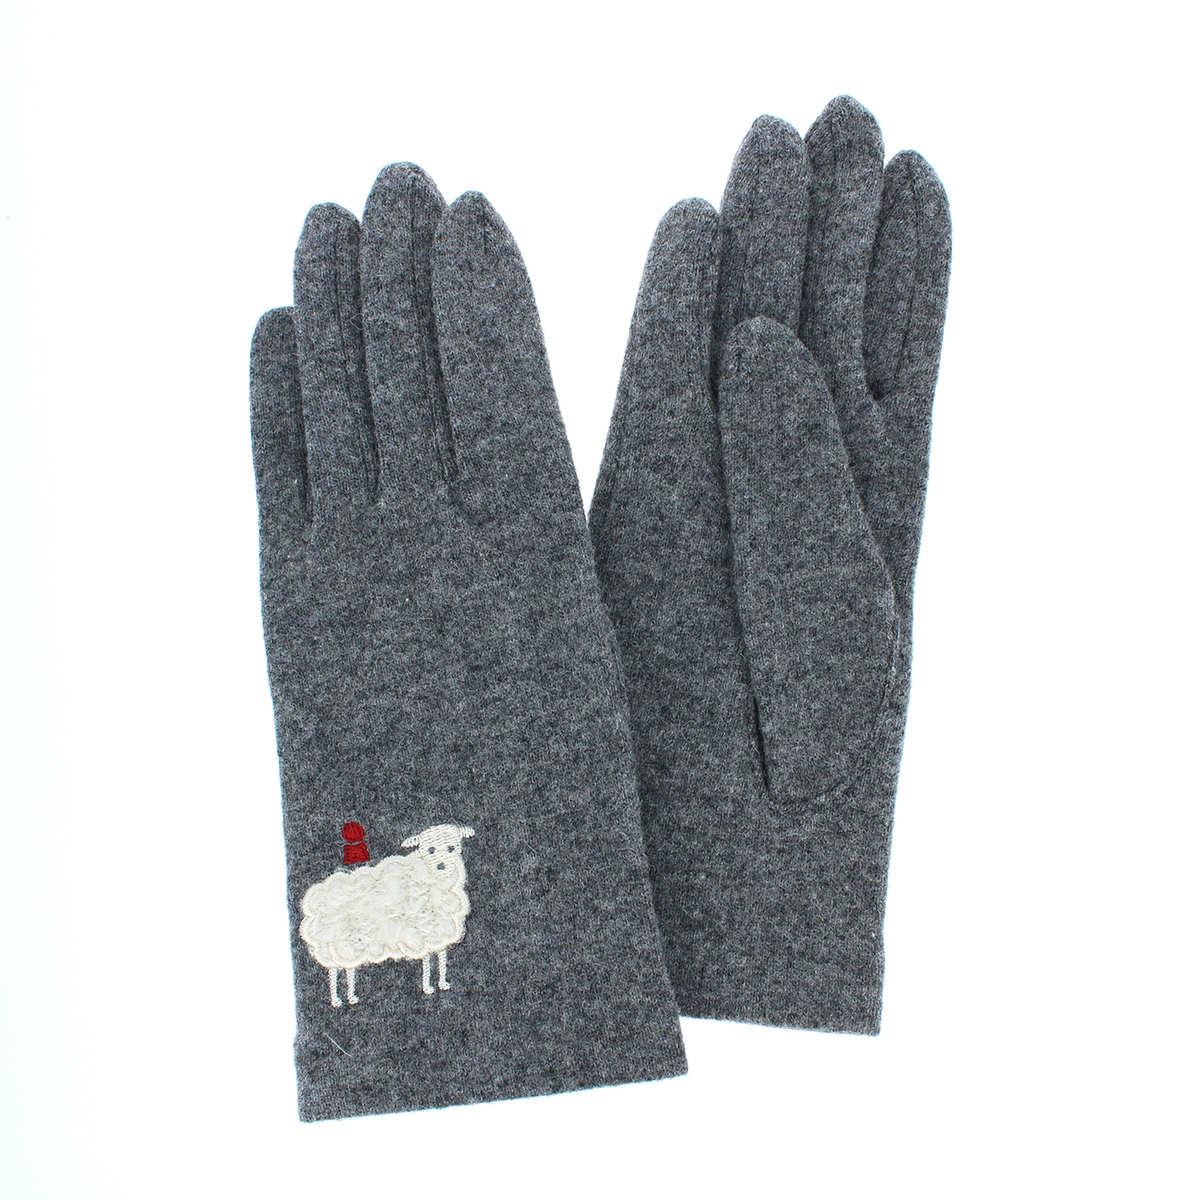 ピッコーネ 人気ブランド レディース ジャージ手袋 キレイカラー 秋冬 五本指手袋 防寒 可愛い 大人カジュアル モコモコ羊柄